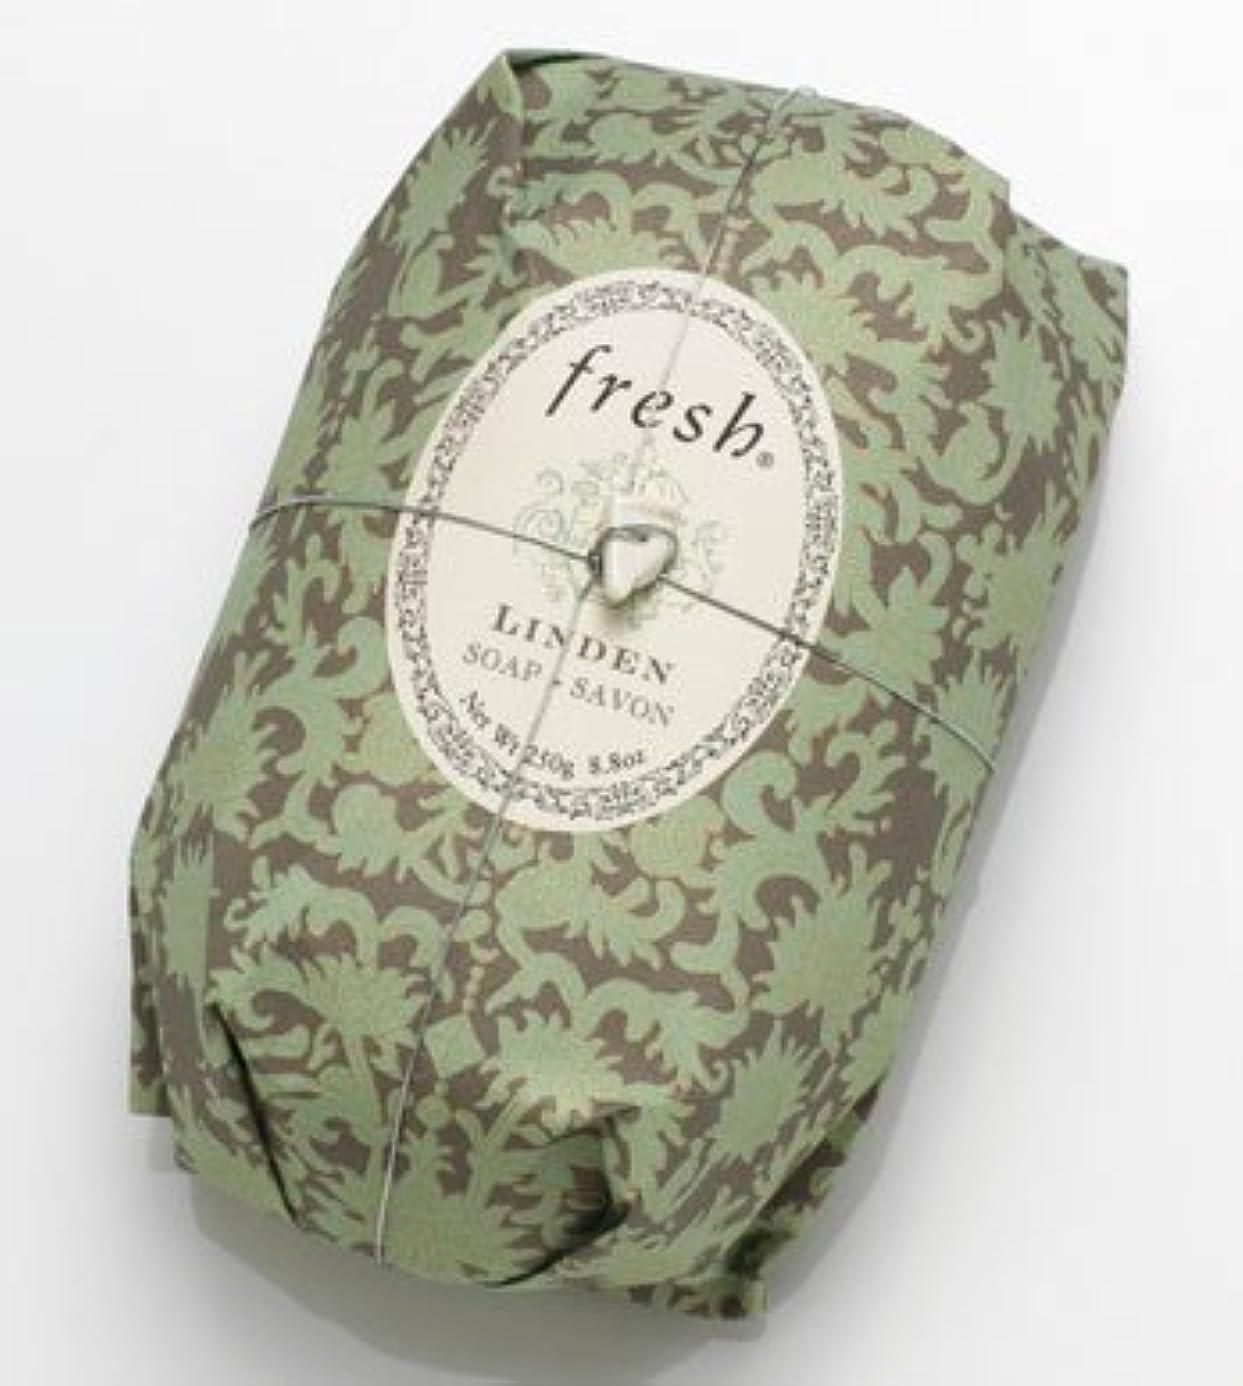 本会議良さ肥満Fresh LINDEN SOAP (フレッシュ リンデン ソープ) 8.8 oz (250g) Soap (石鹸) by Fresh